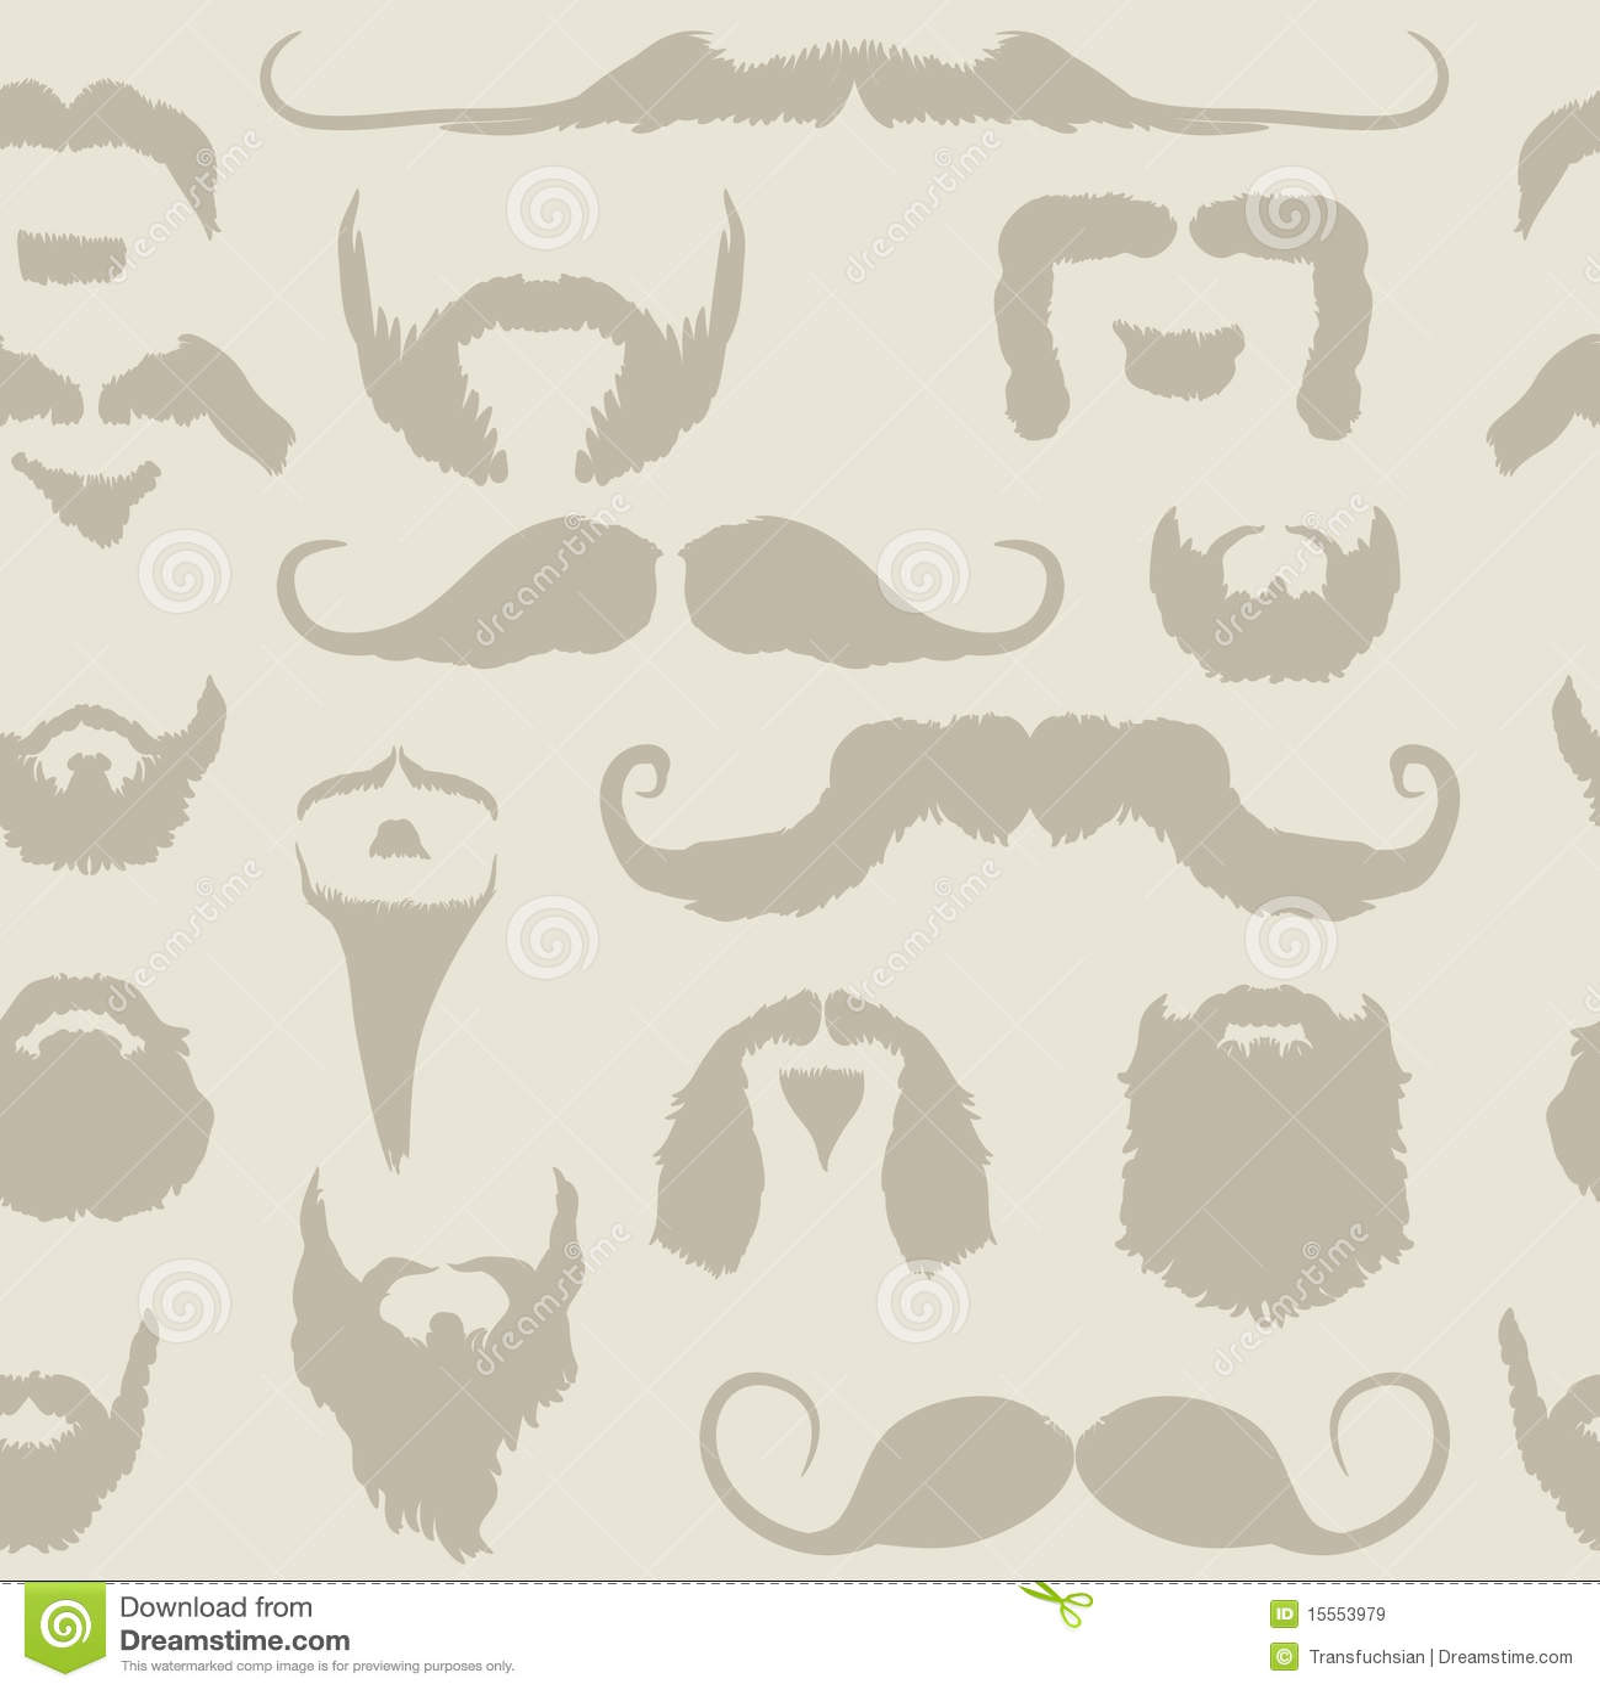 Mustache And Beard Set Seamless Pattern Royalty Free Stock